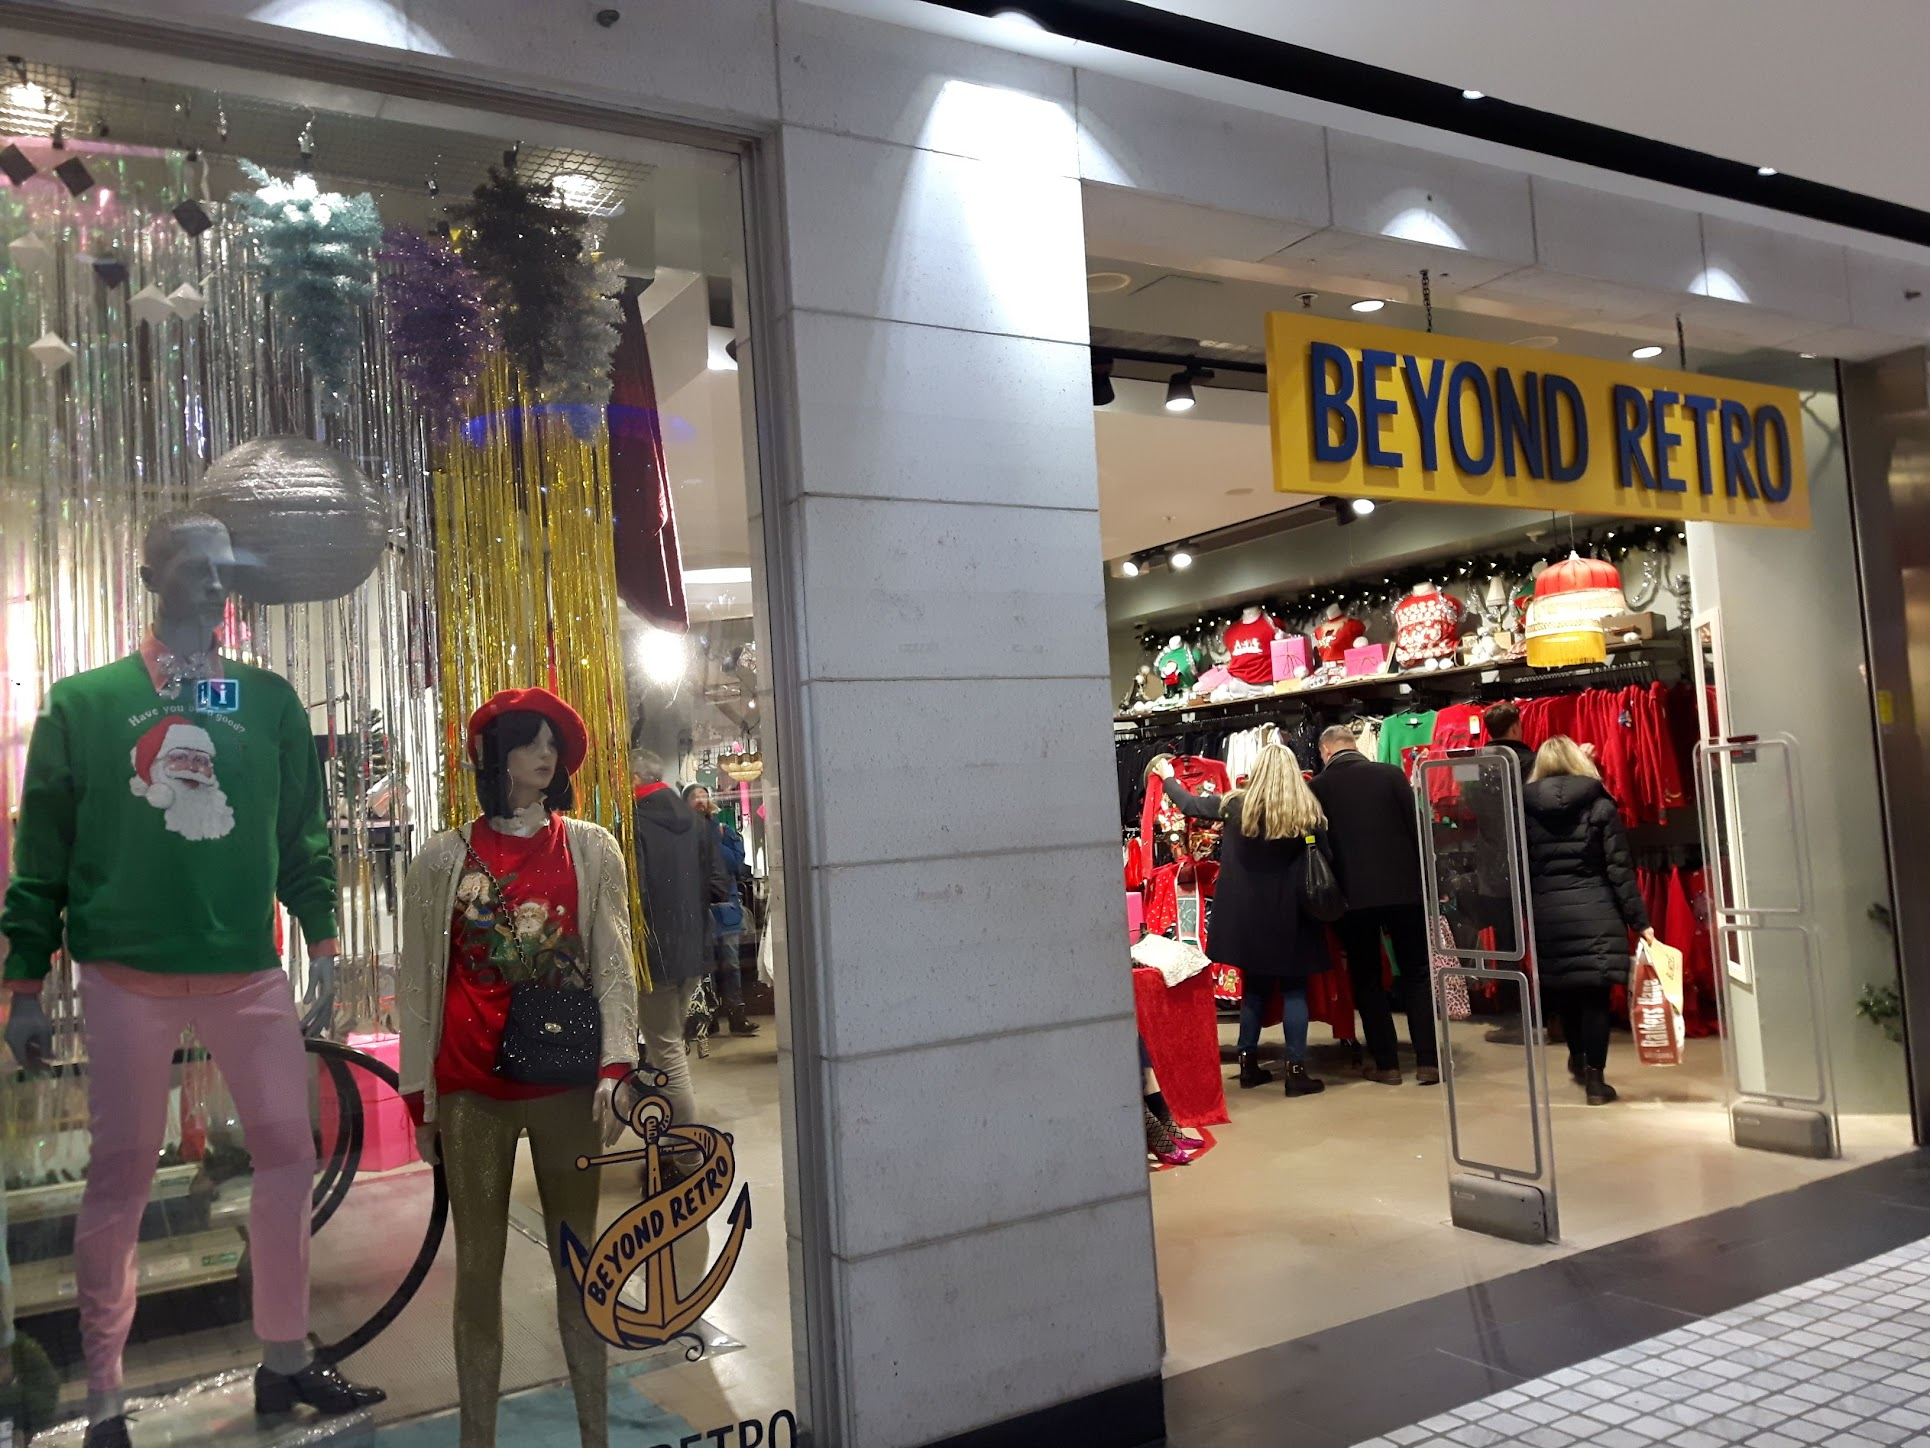 Retro shop met kersttruien in Nordstan - Julstaden Göteborg